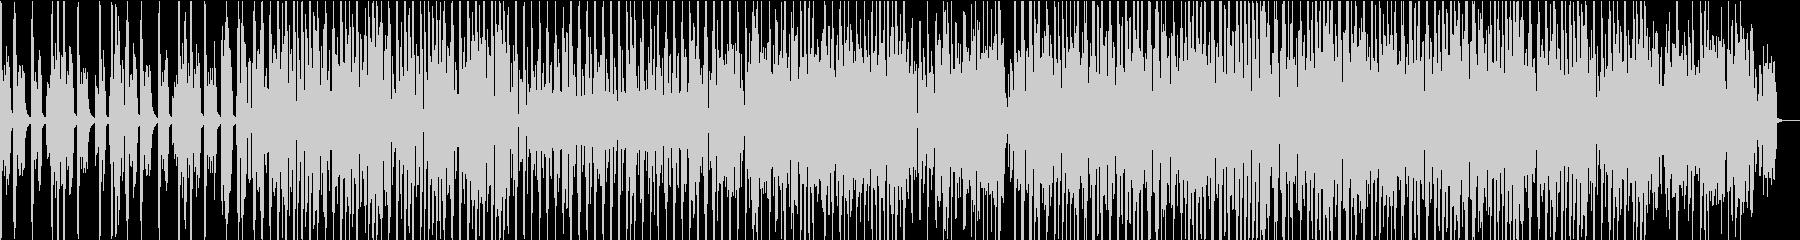 冷たくてノリノリ BPM135 の未再生の波形